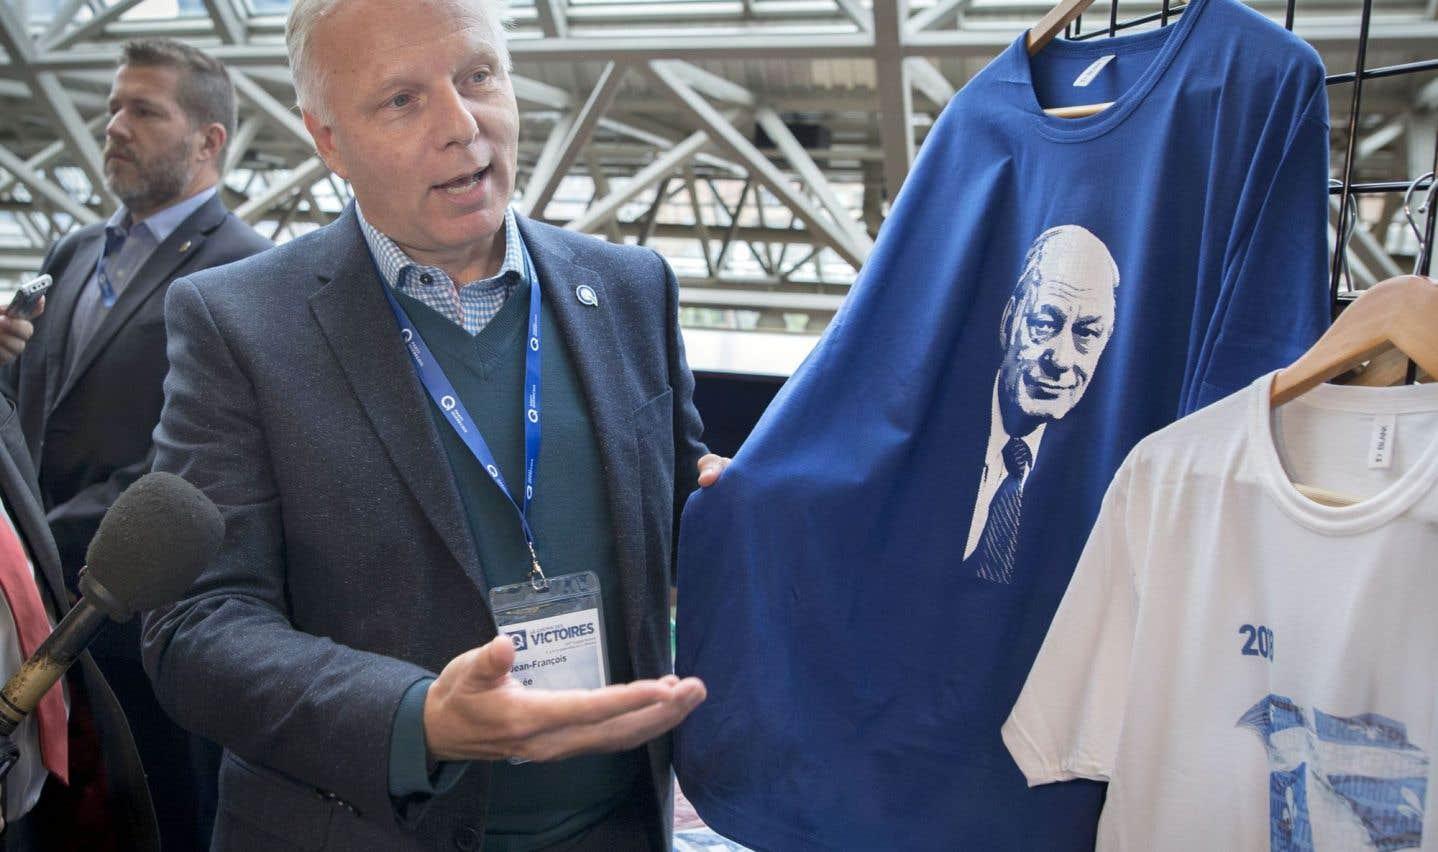 Des militants défient Lisée sur la langue au congrès du Parti québécois